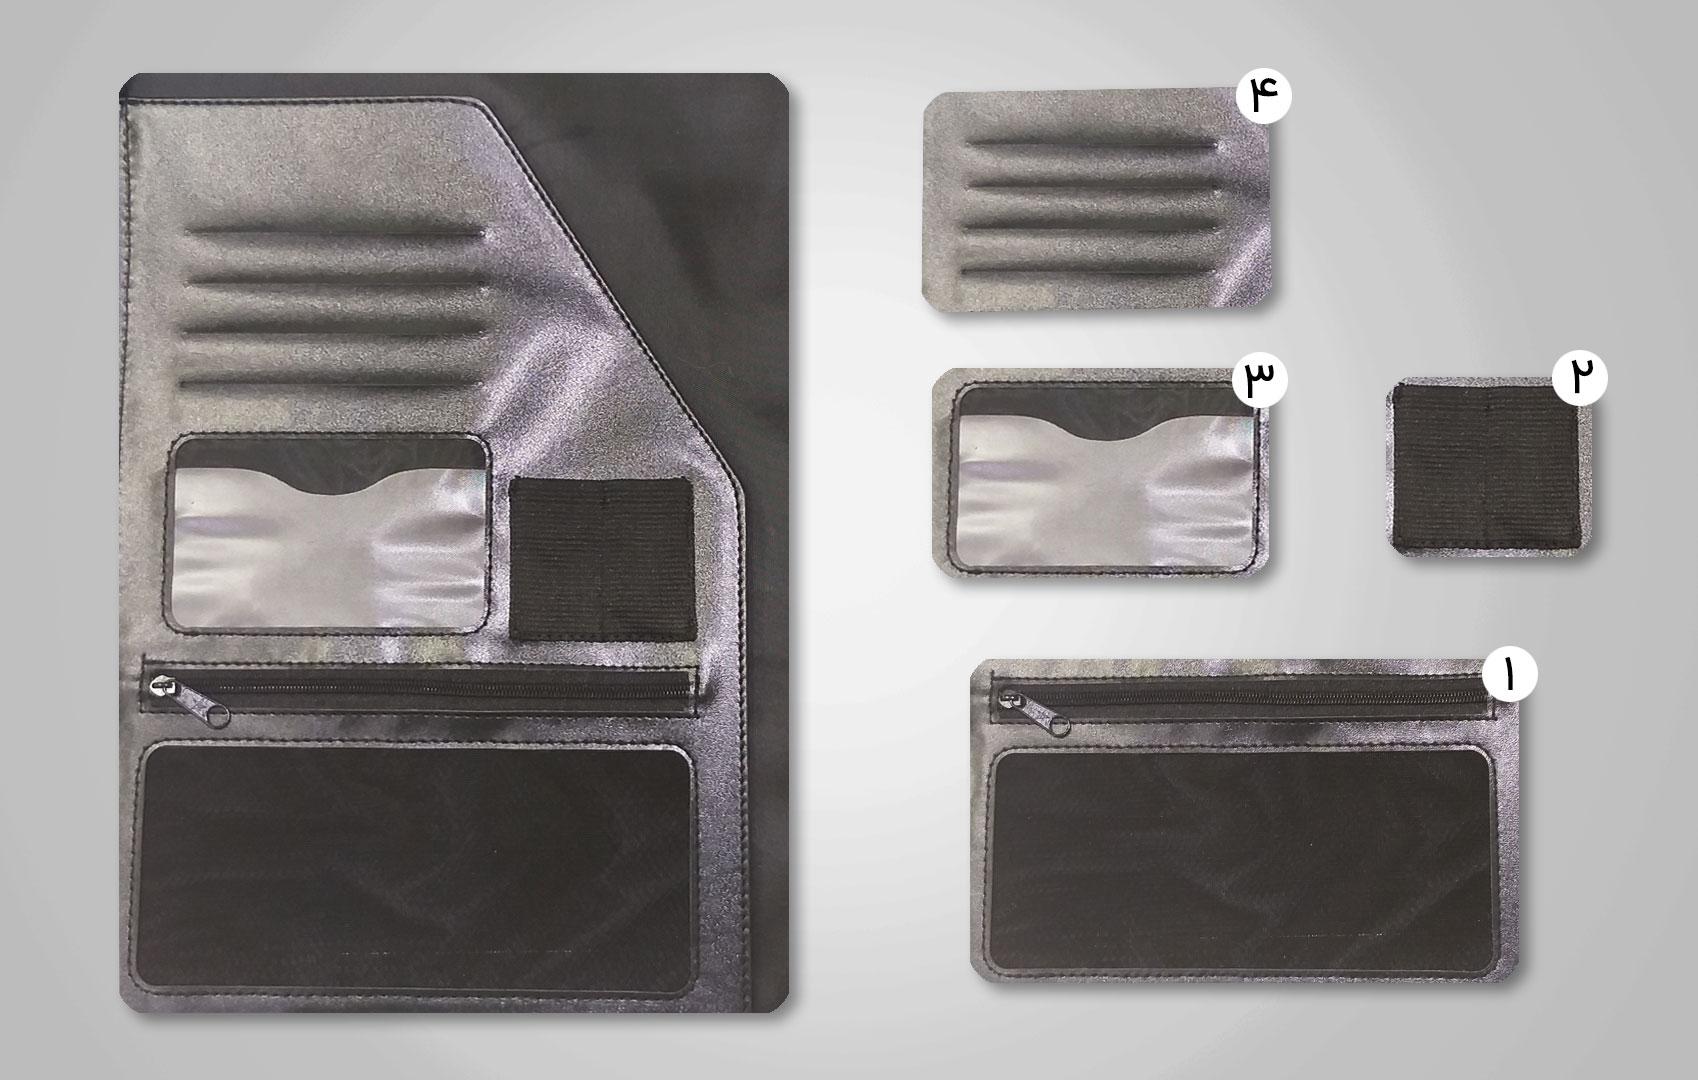 کیف اکو مدل2 ؛ یک کیف کاربردی